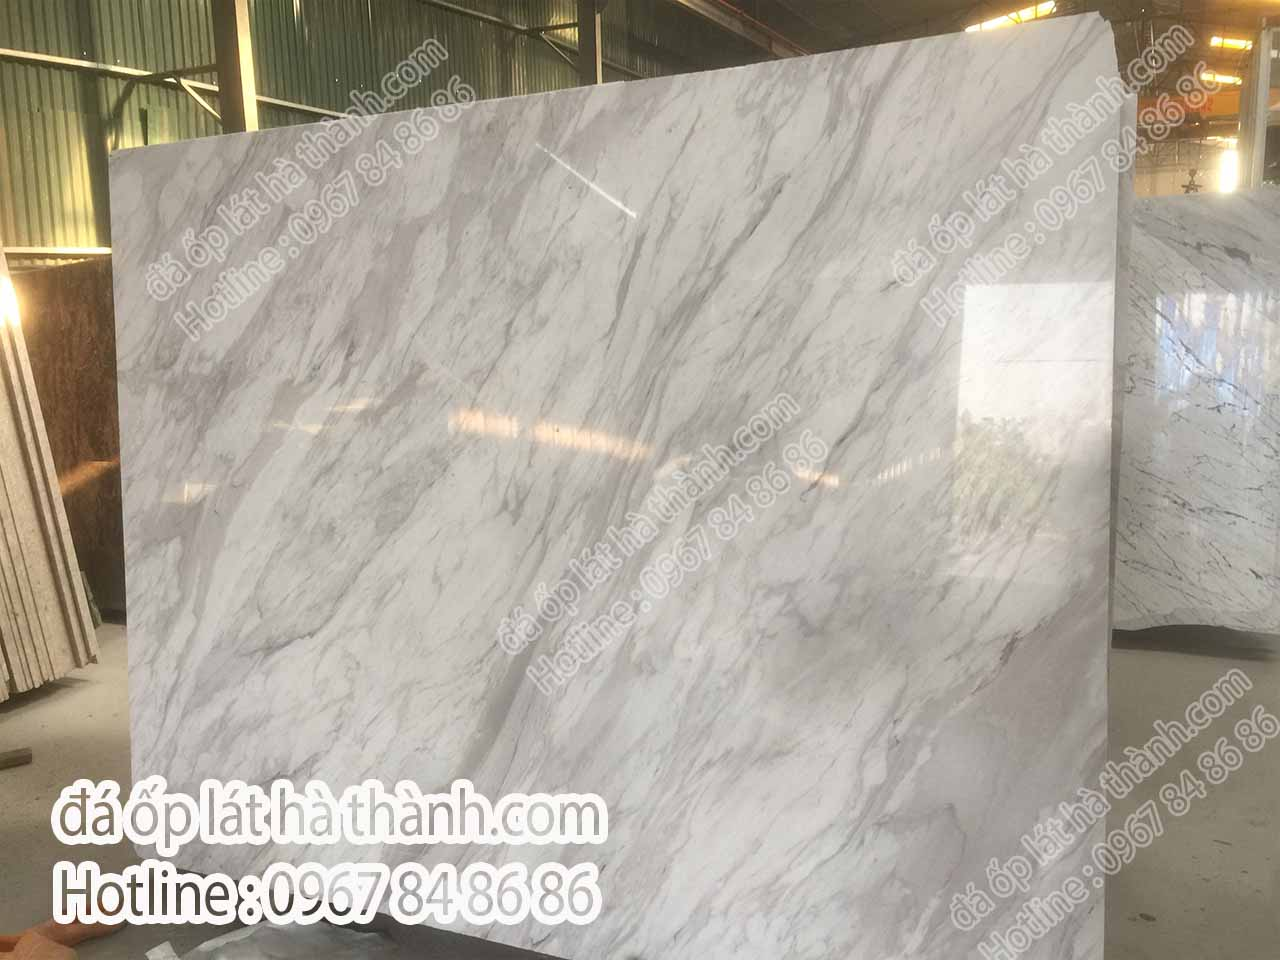 da-marble-trang-van-may